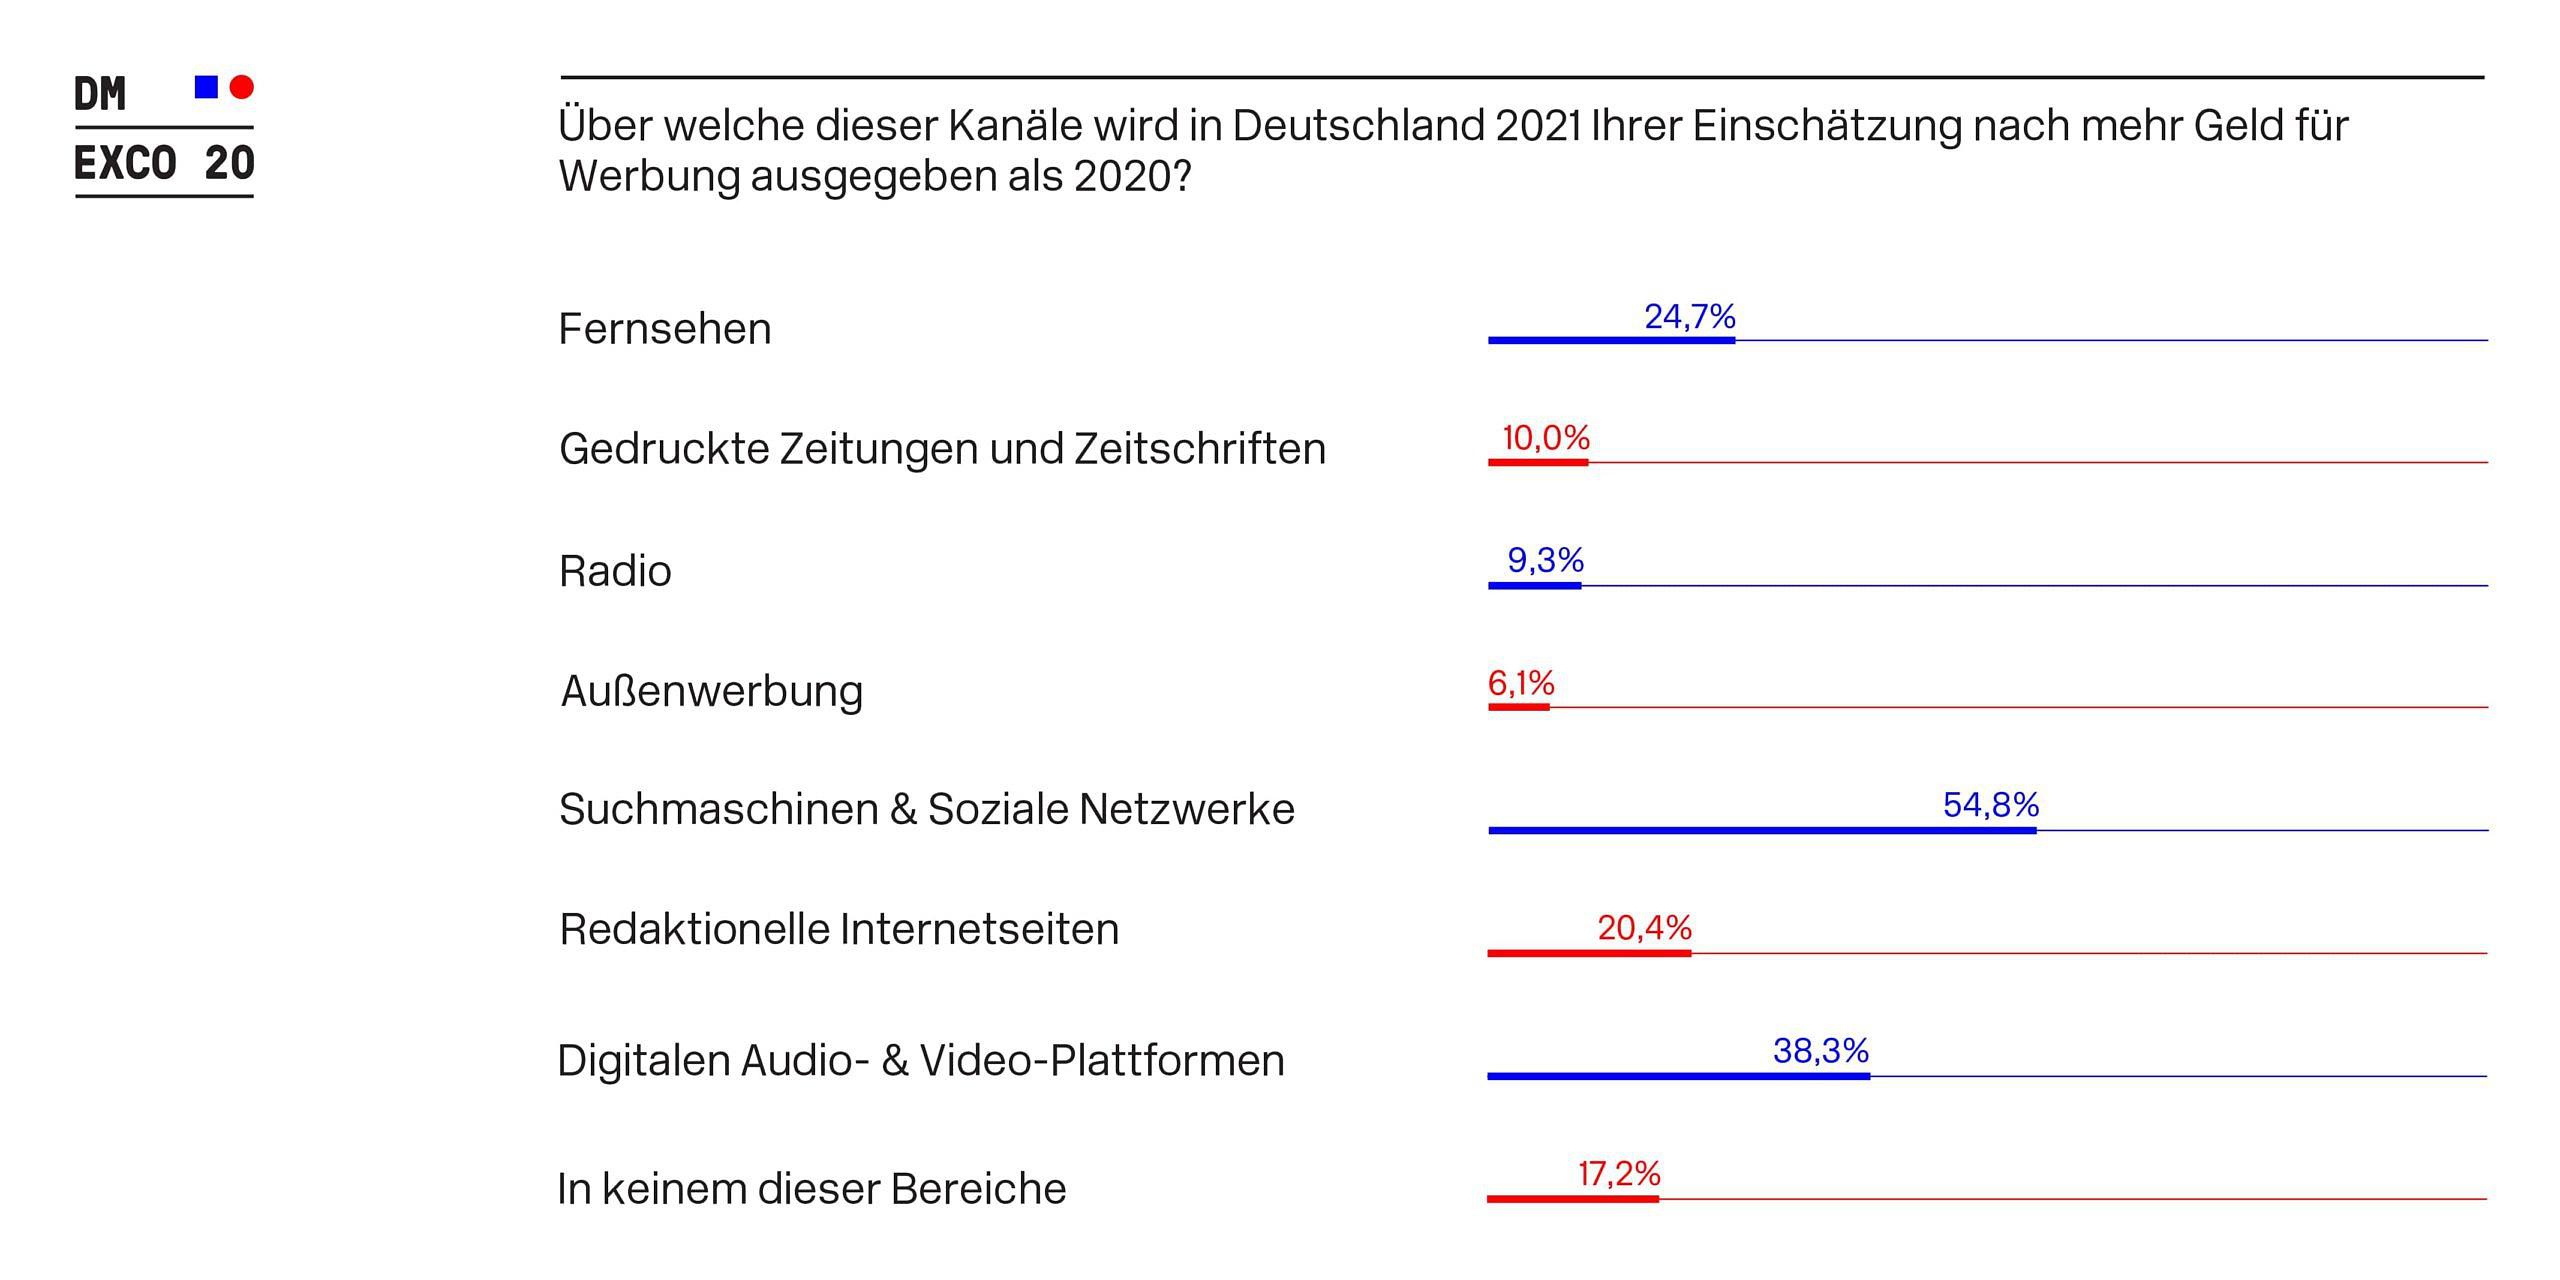 Werbegelder_Deutschland_Zuwachs_2021